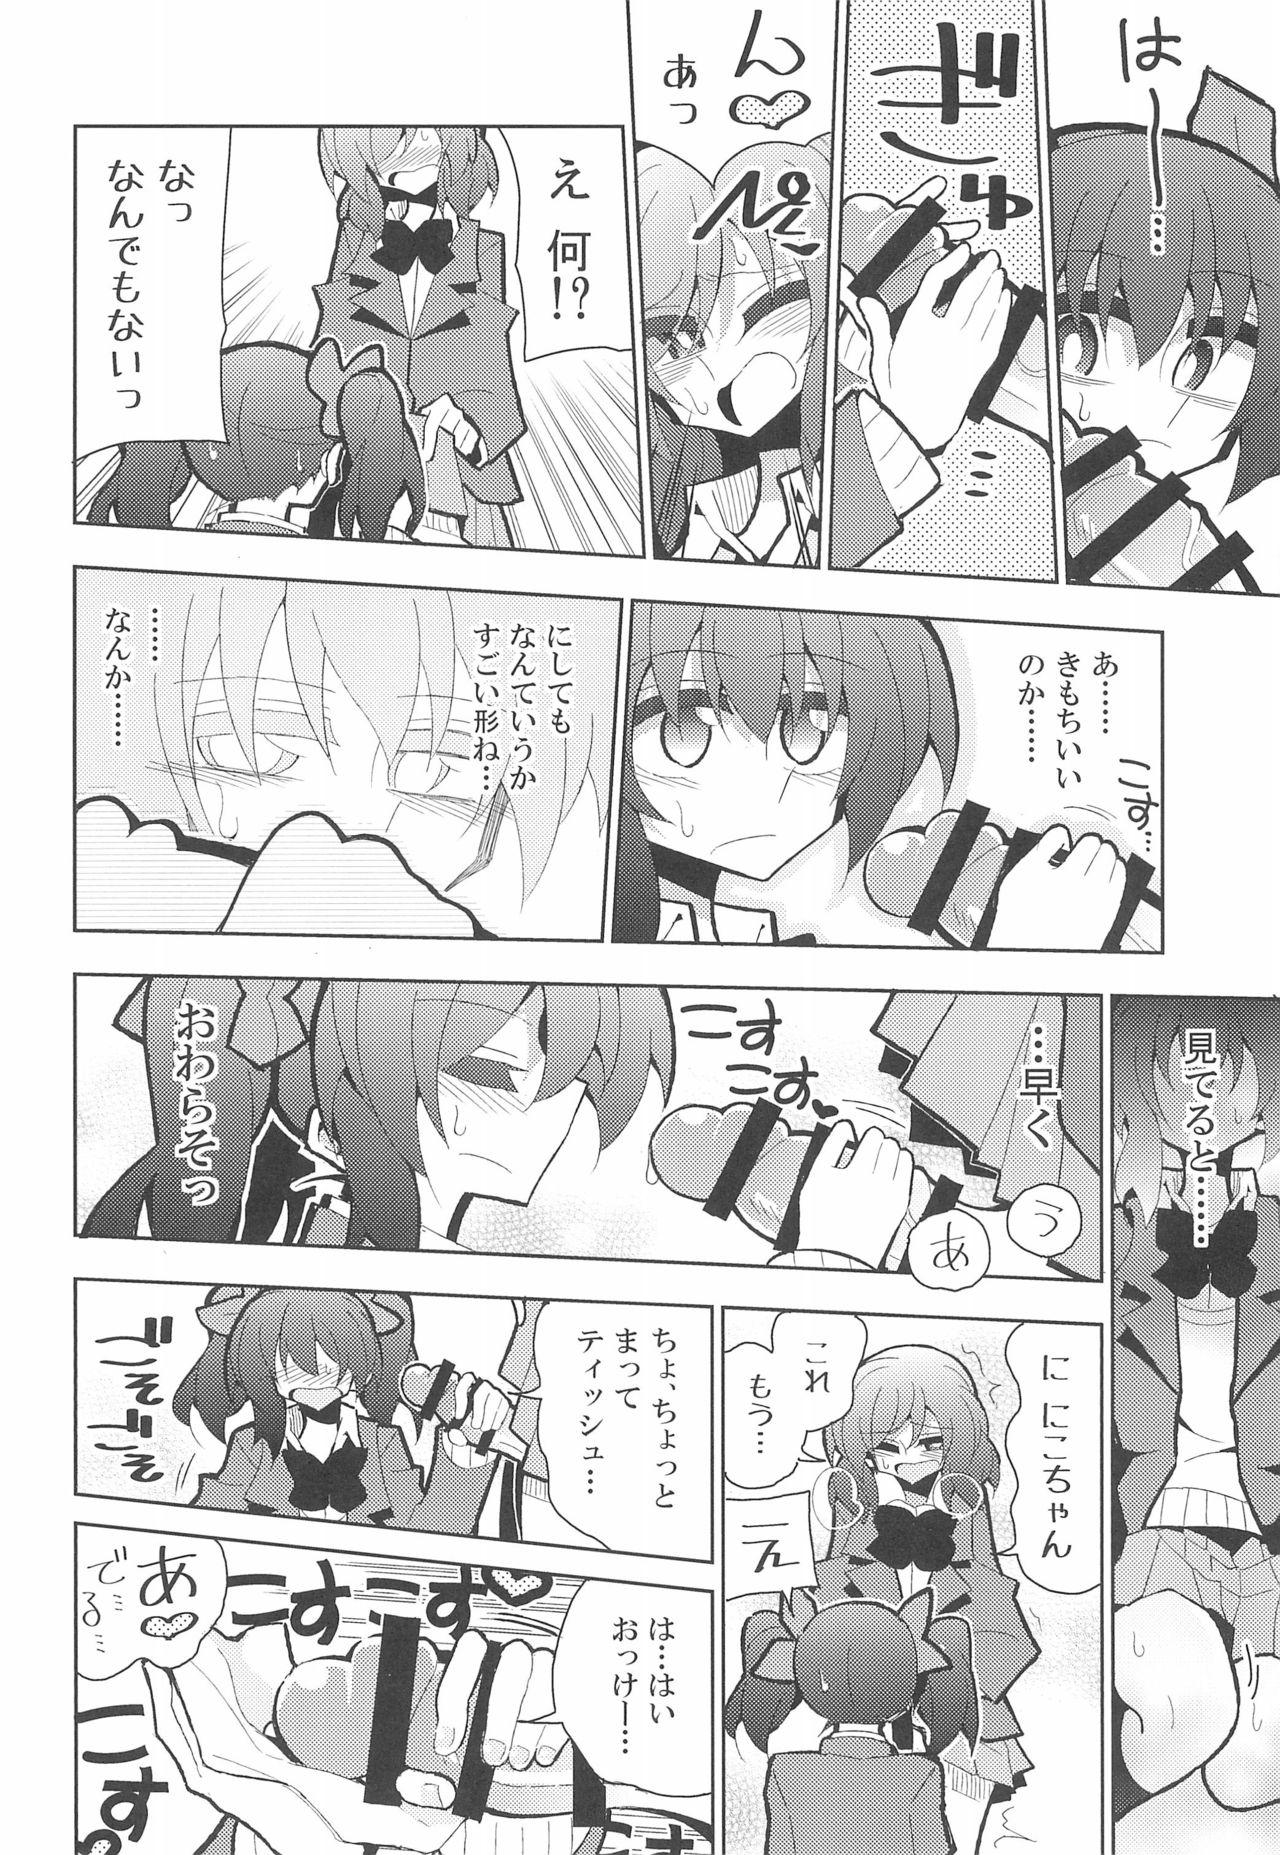 NicoMaki Futanari Sex 13